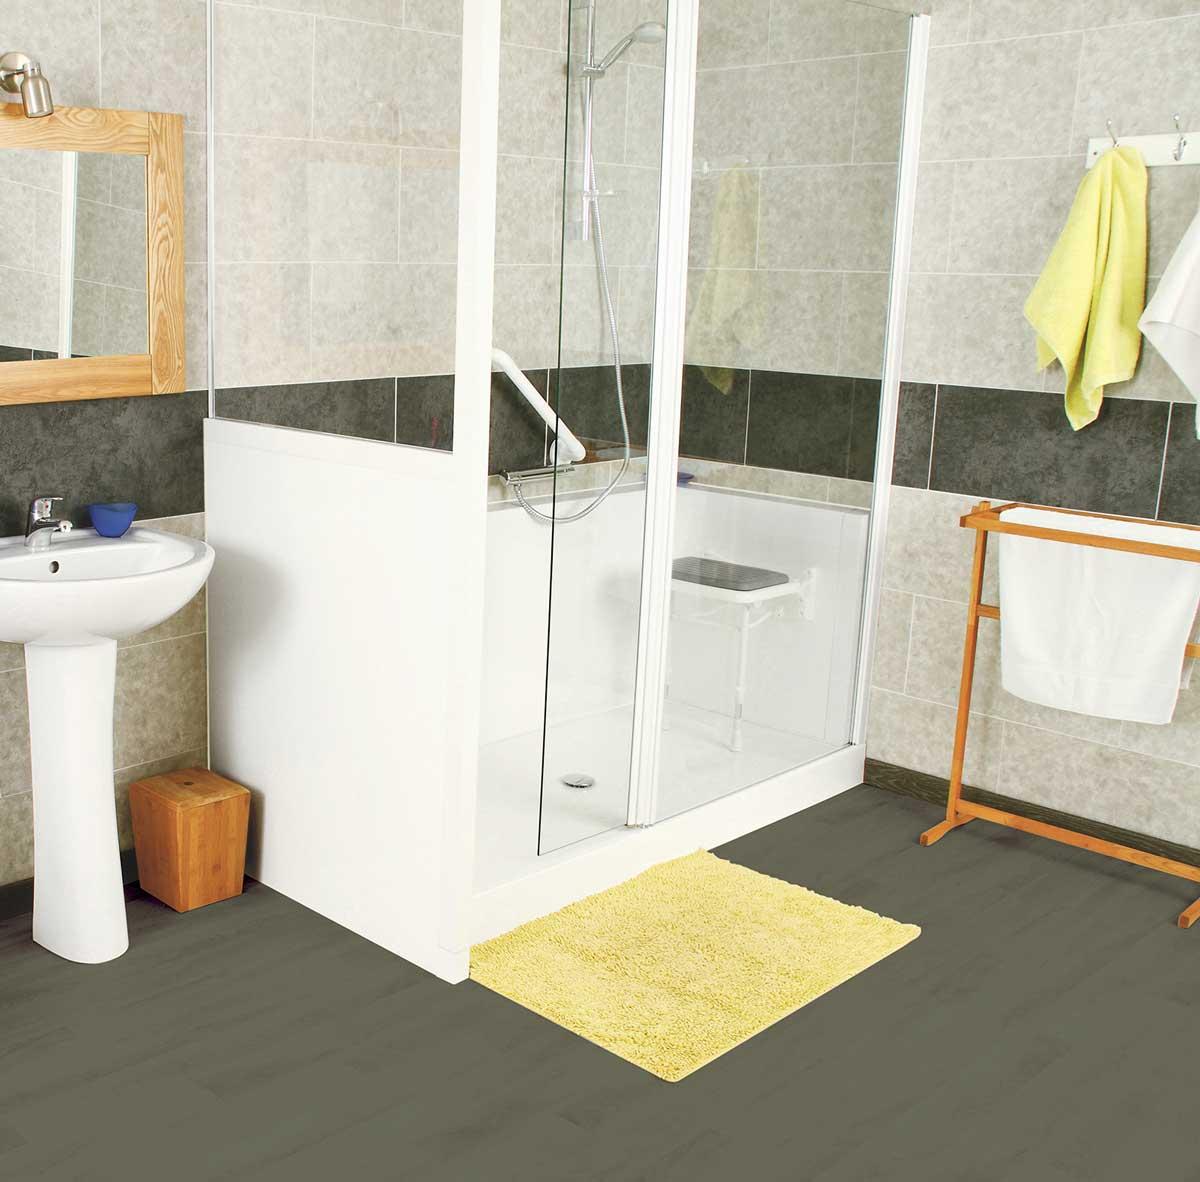 Meubles Salle De Bain Personnes Handicapées installation de salle de bain pour pmr, handicapé, personnes